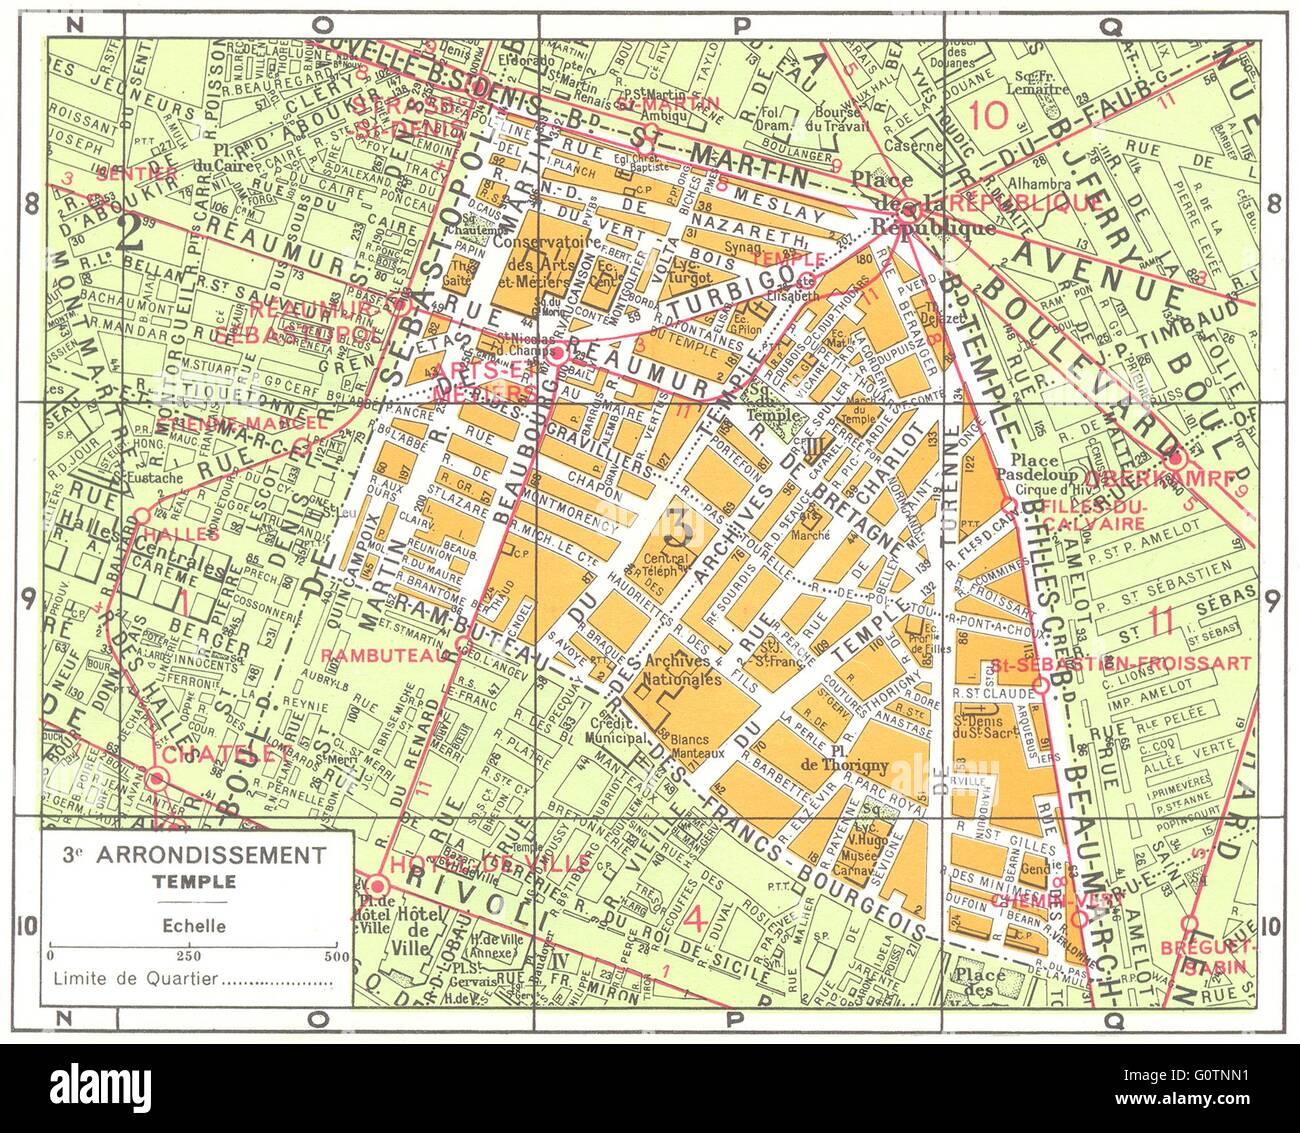 Karte Paris Arrondissement.Paris 3e Arrondissement Stockfotos Paris 3e Arrondissement